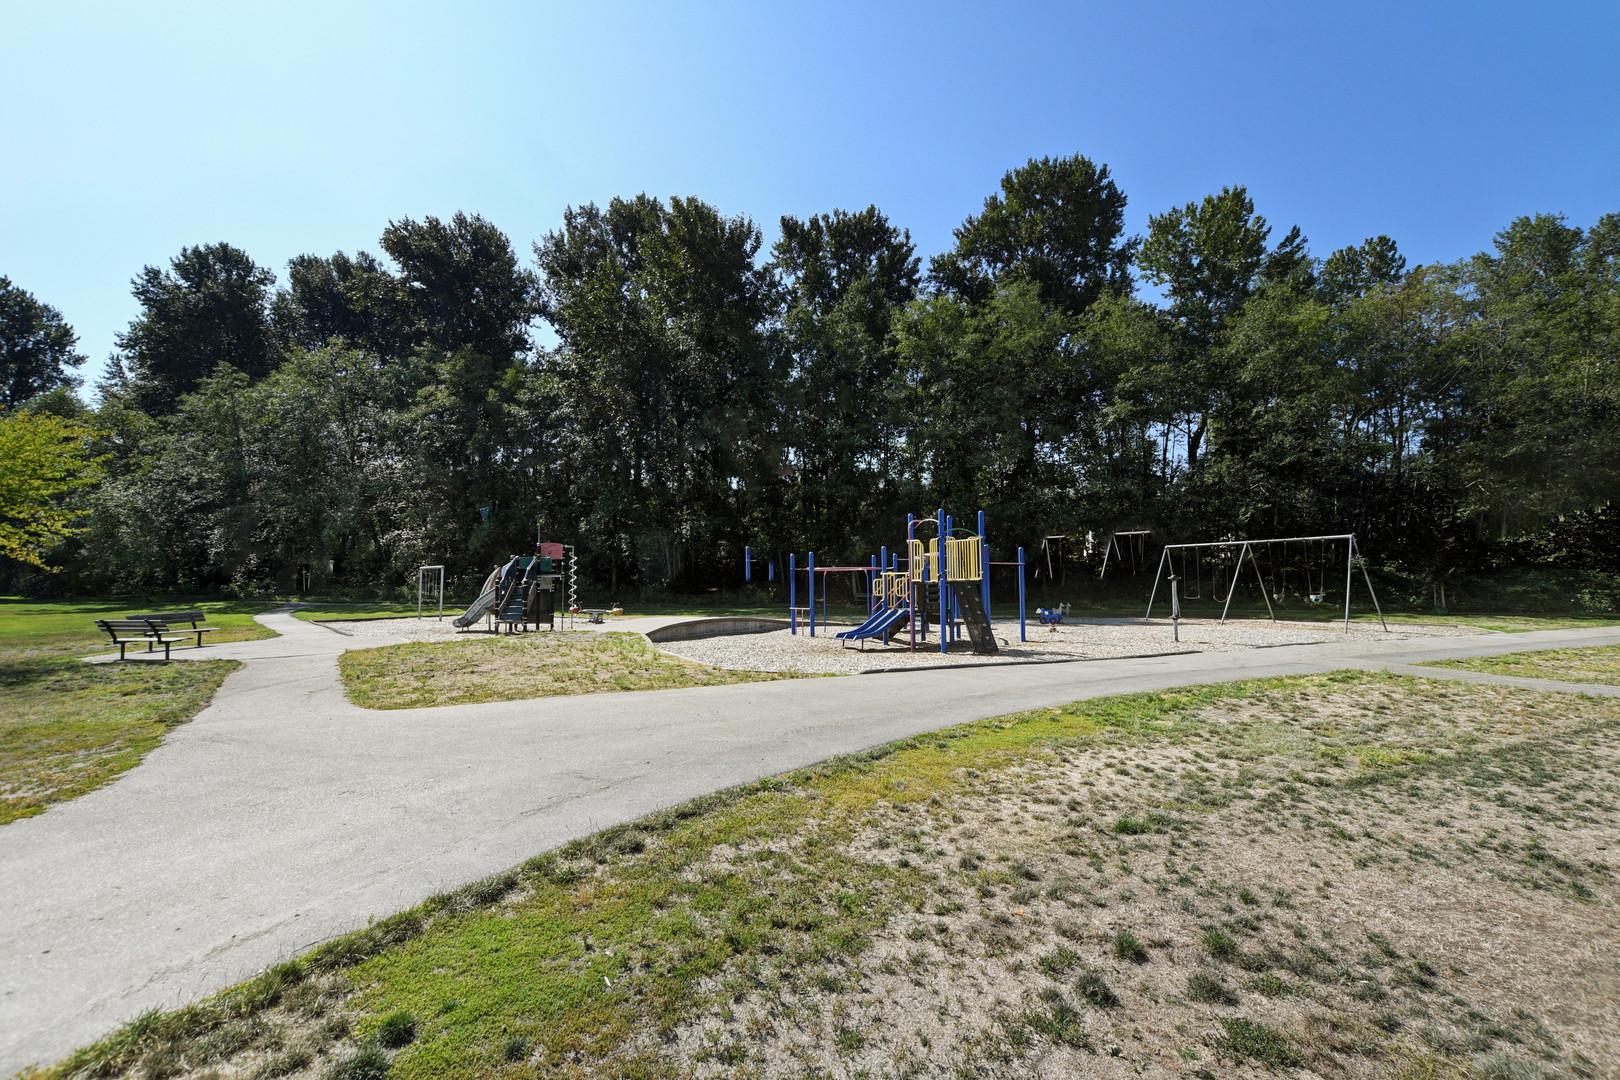 Bolivar park